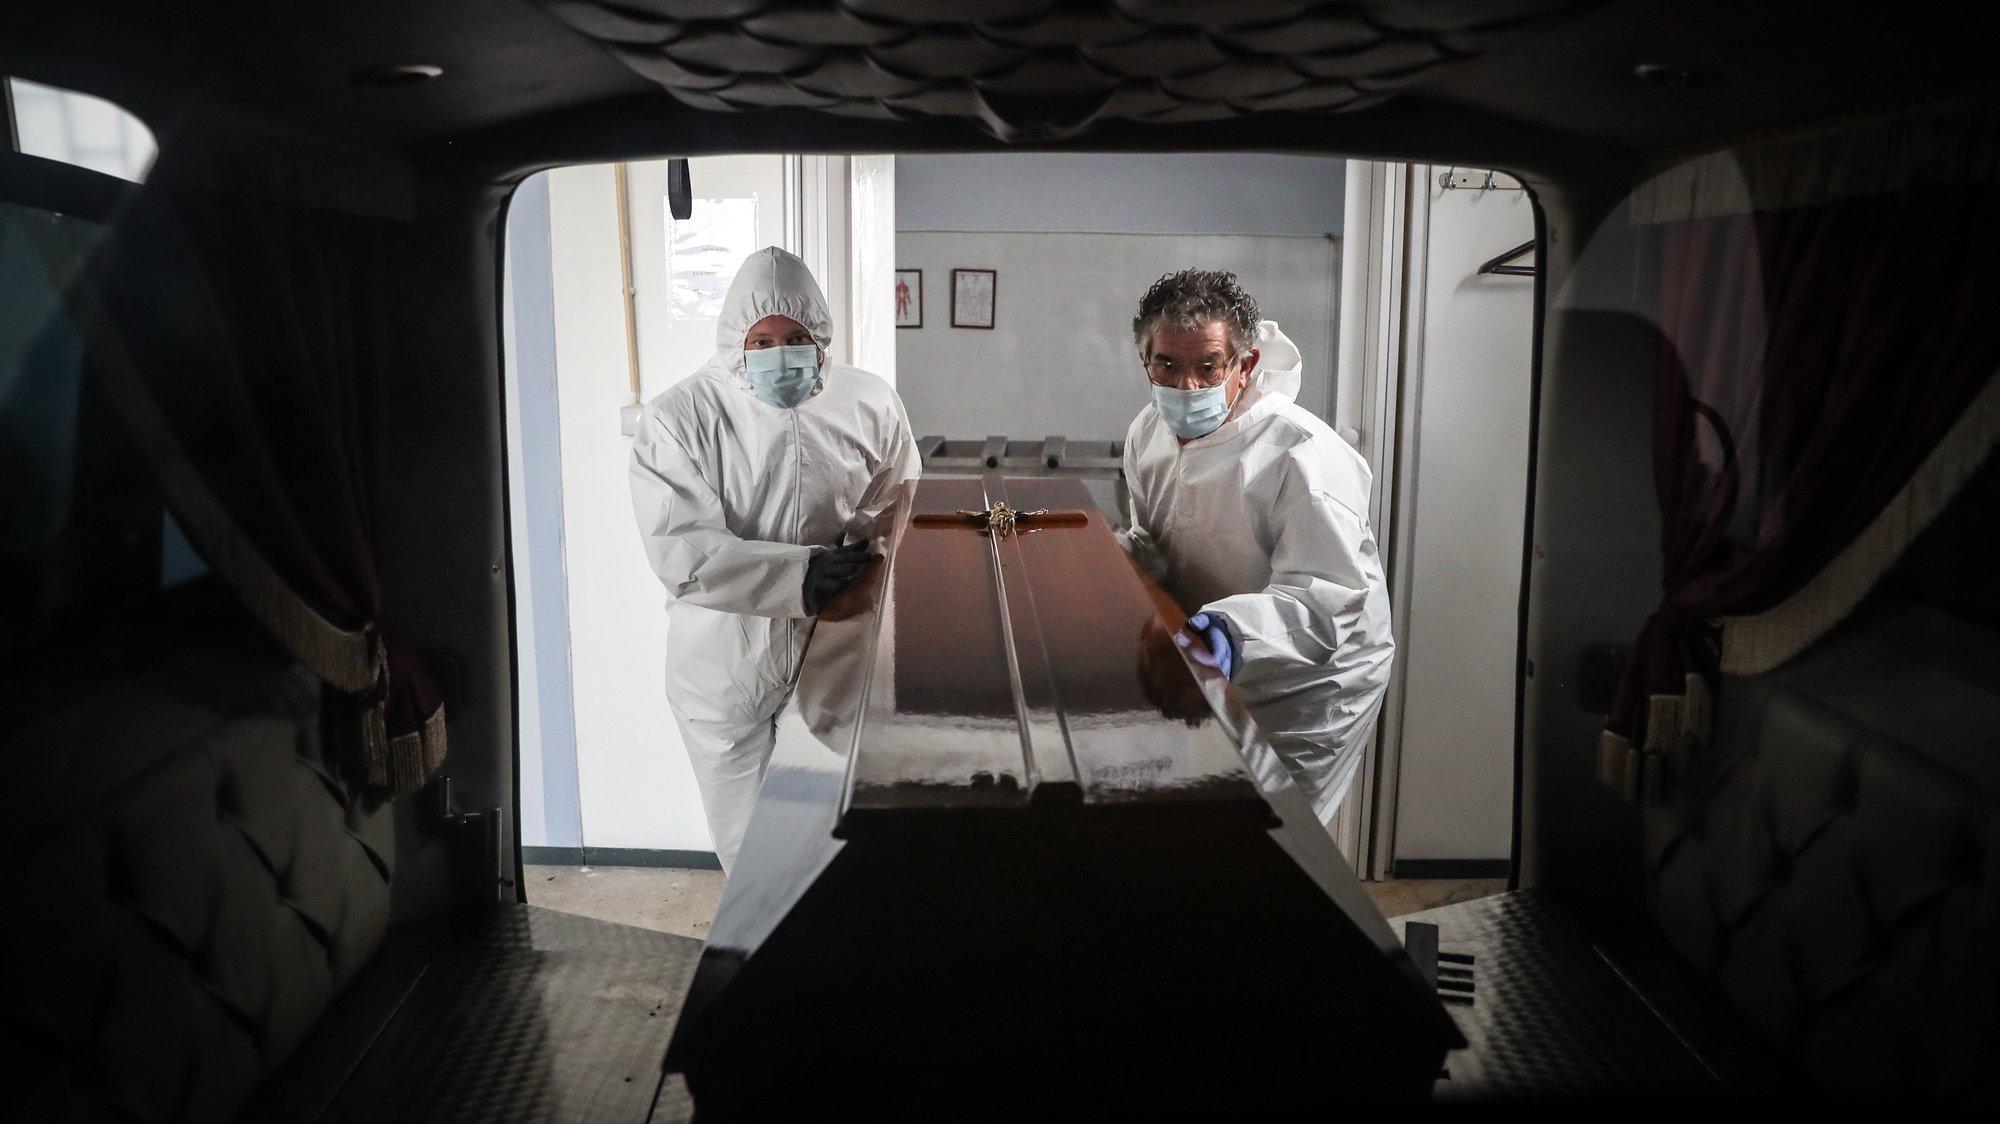 (11/23) Funcionários de uma agência funerária colocam um caixão de uma mulher que morreu vítima de covid-19 no interior de uma carrinha funerária, na Amadora, 30 de janeiro de 2021. Esta semana Portugal ultrapassou as 300 mortes diárias por covid-19, um novo máximo desde o início da pandemia. (ACOMPANHA TEXTO DA LUSA DO DIA 30 DE JANEIRO DE 2021). MÁRIO CRUZ/LUSA